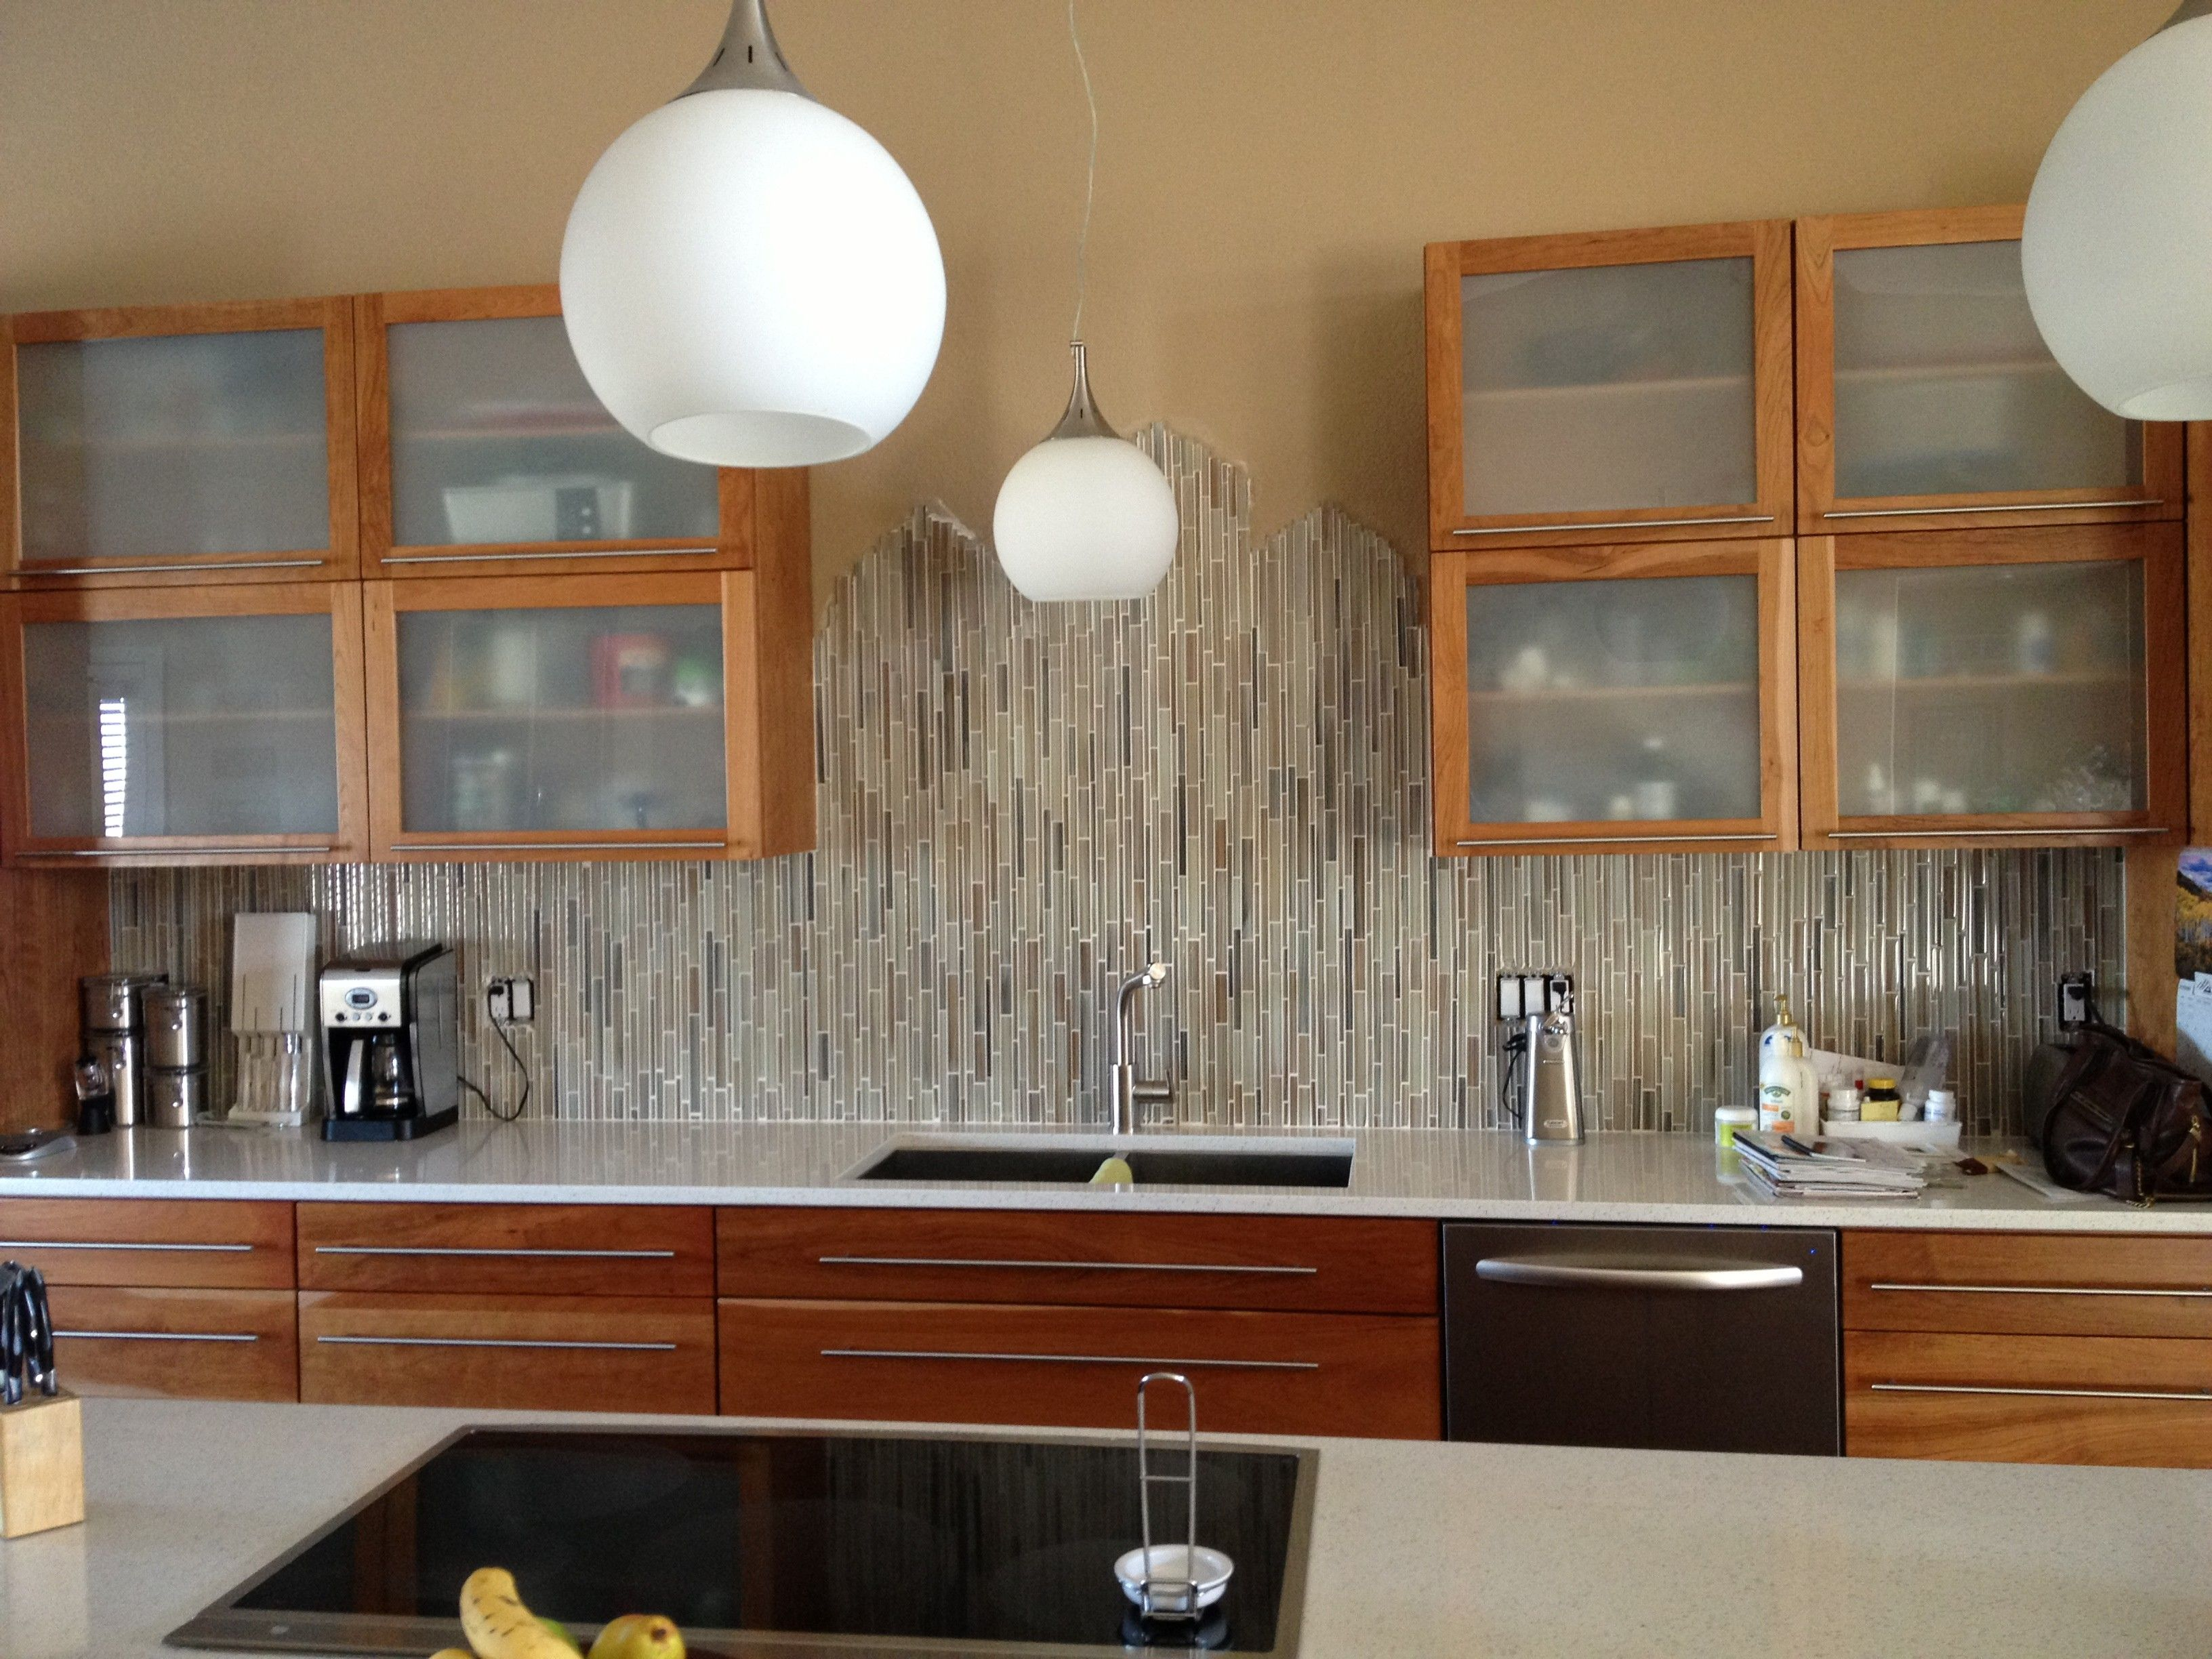 wallpaper borders home depot canada wallpaper home | Dekor